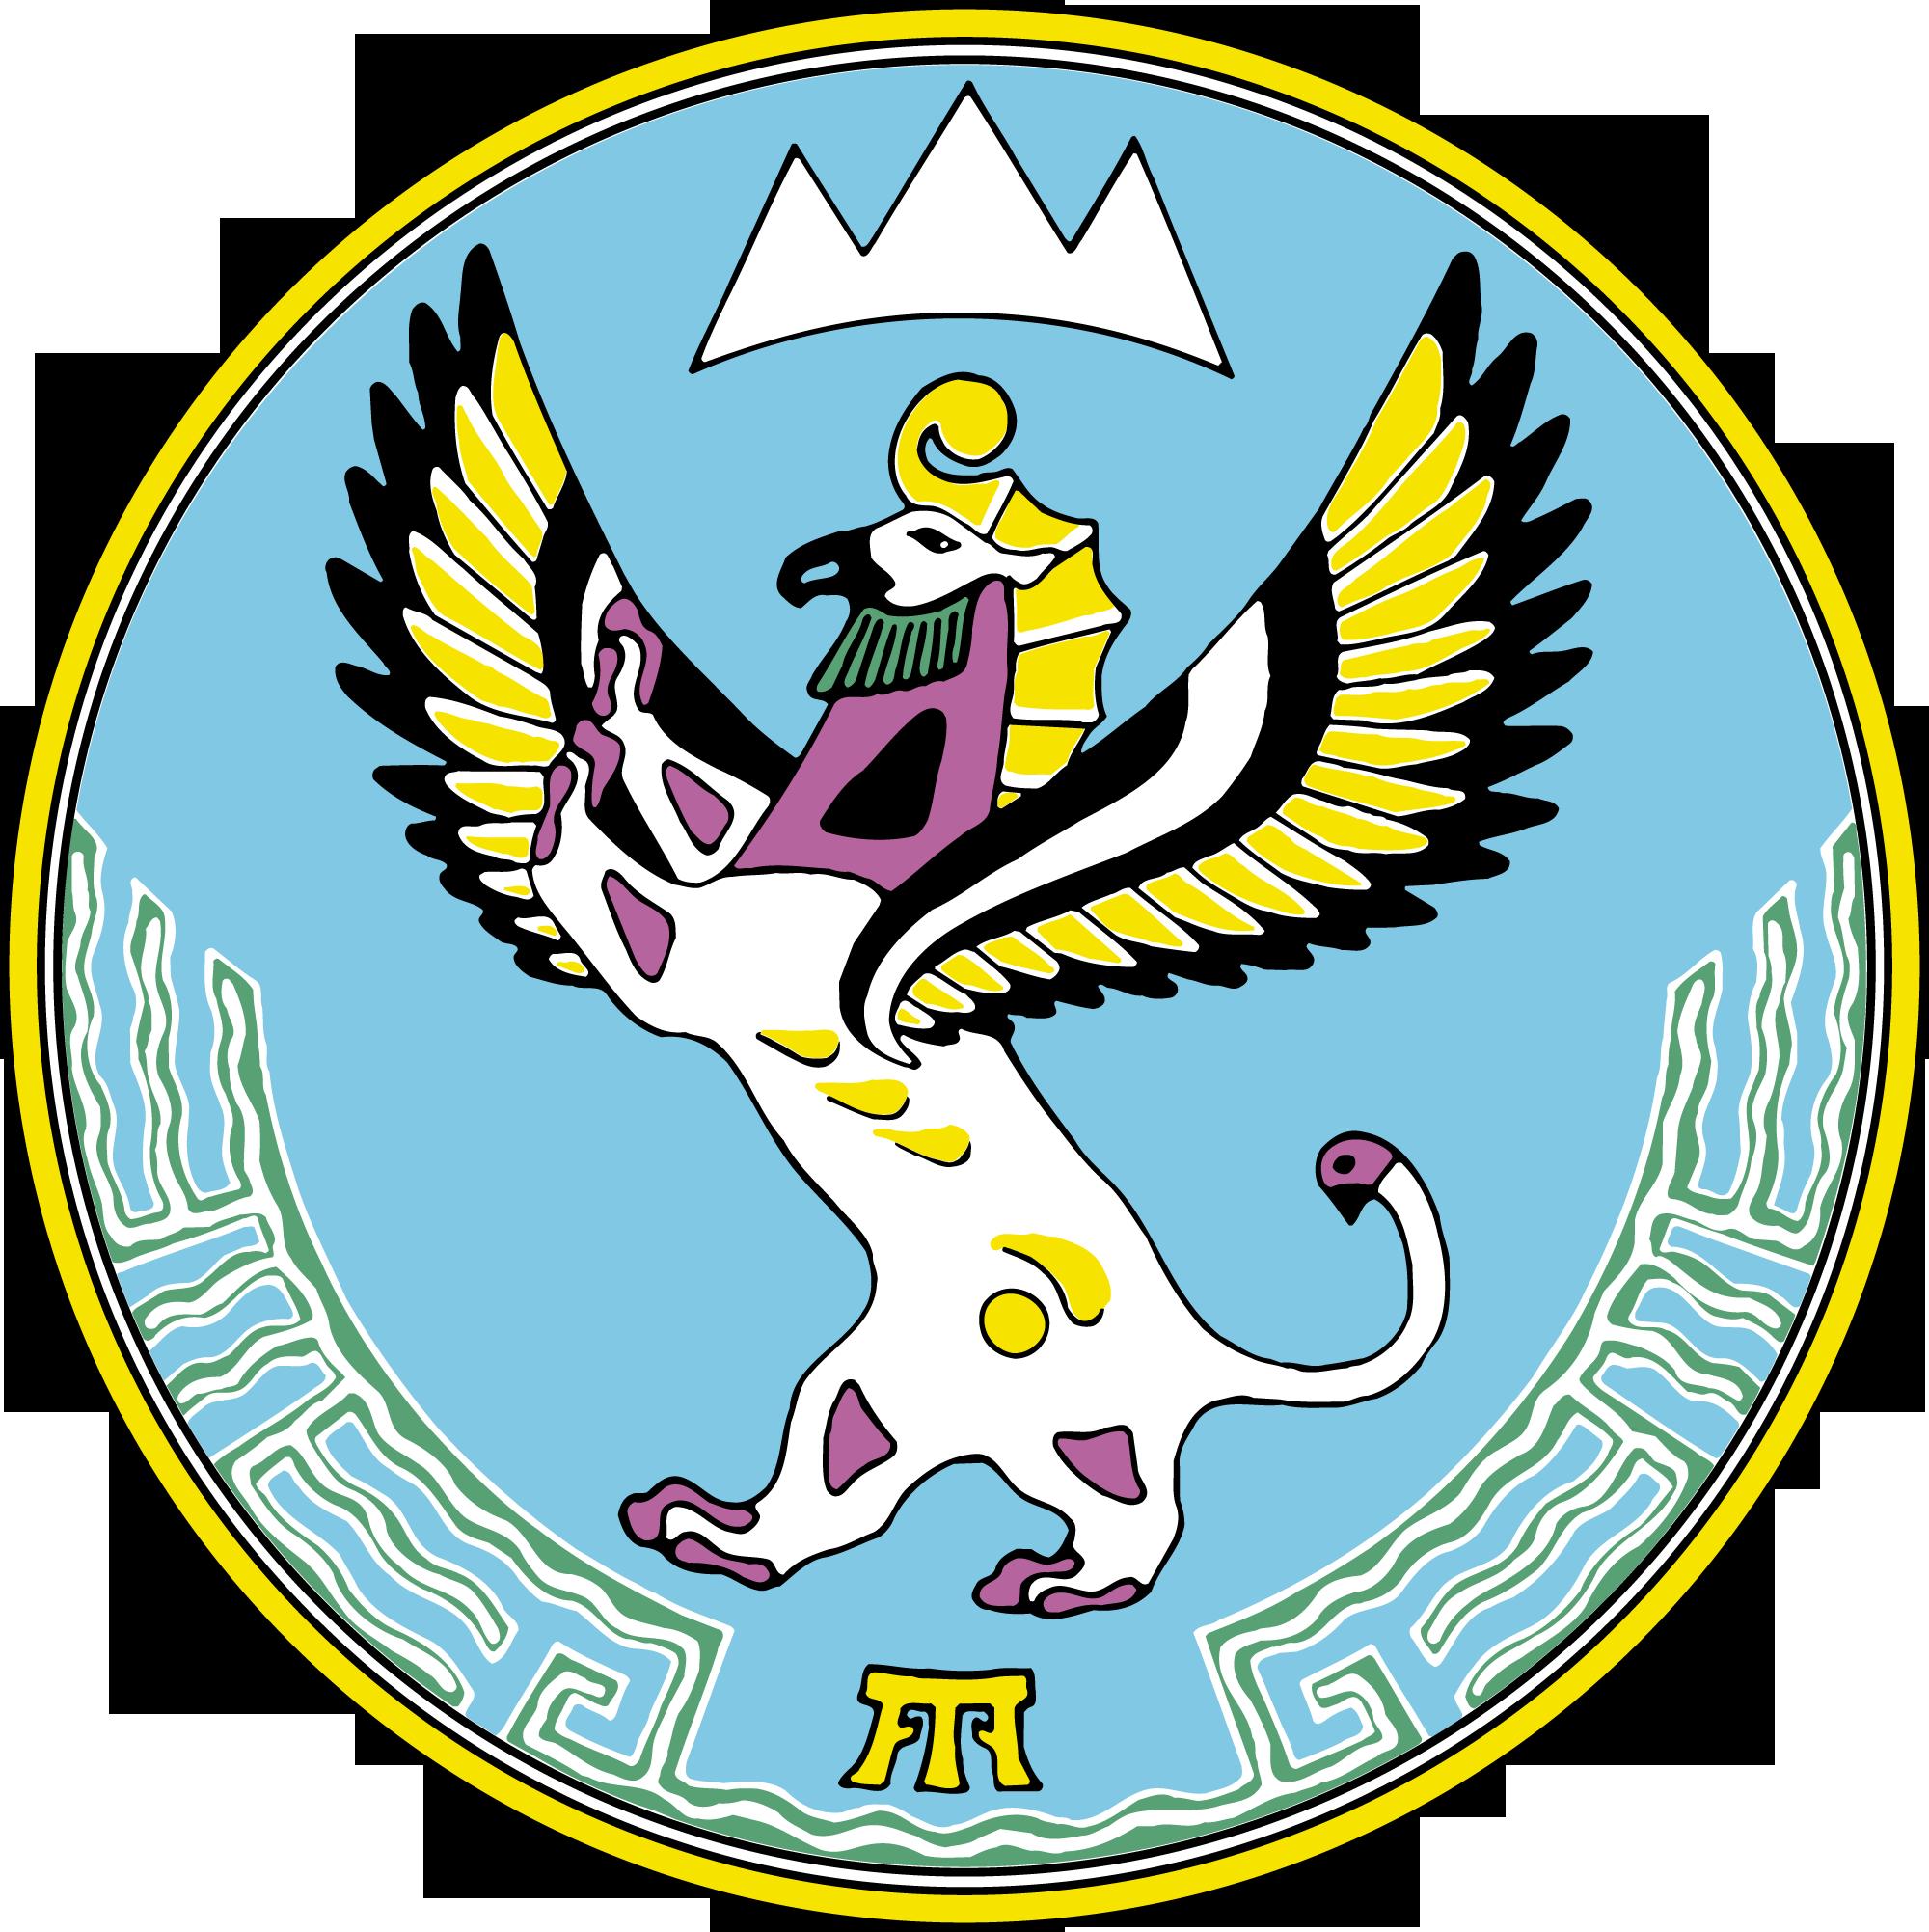 Герб Алтайской республики